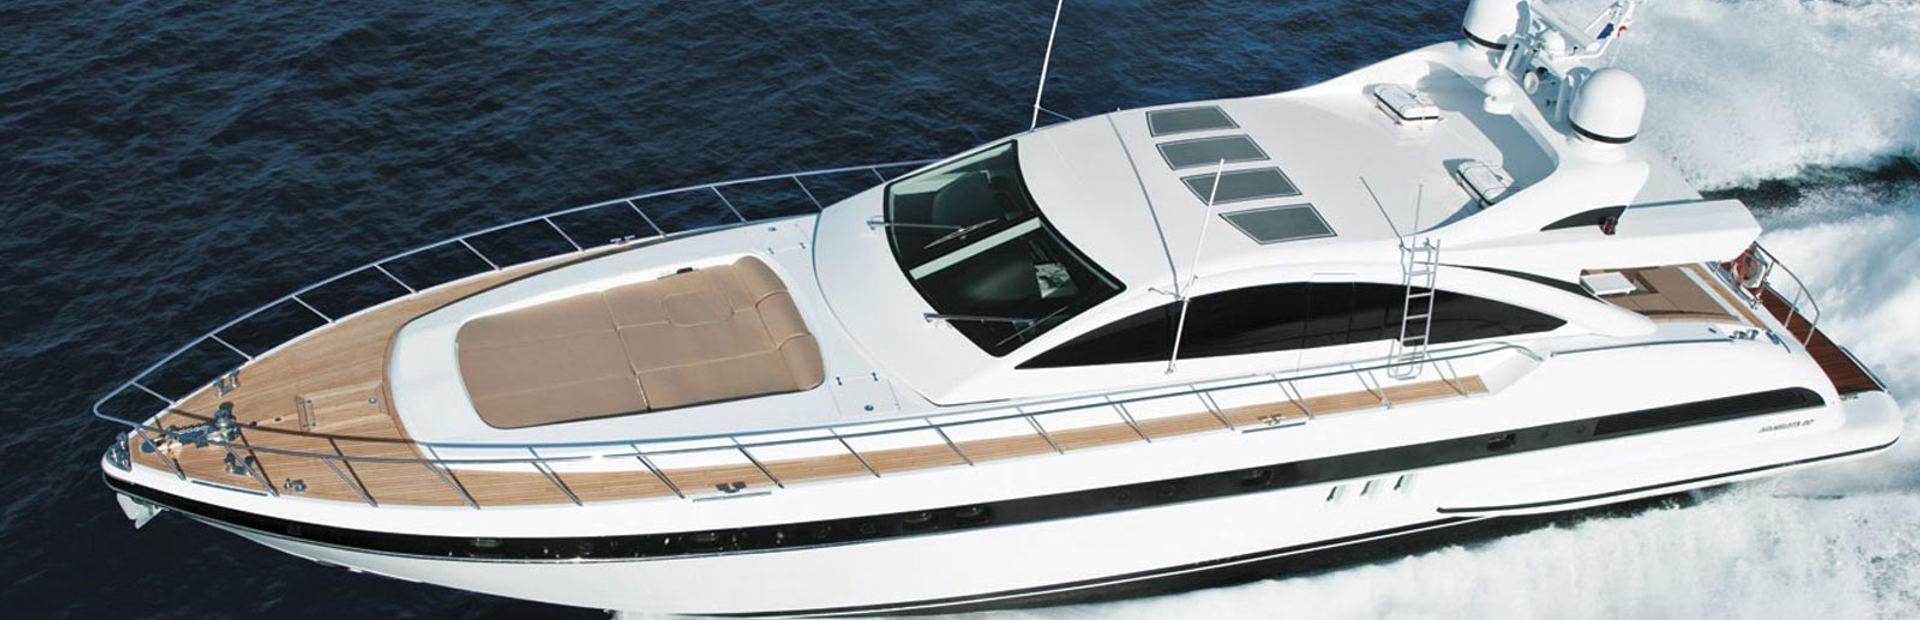 Mangusta 80 Open HT Yacht Charter